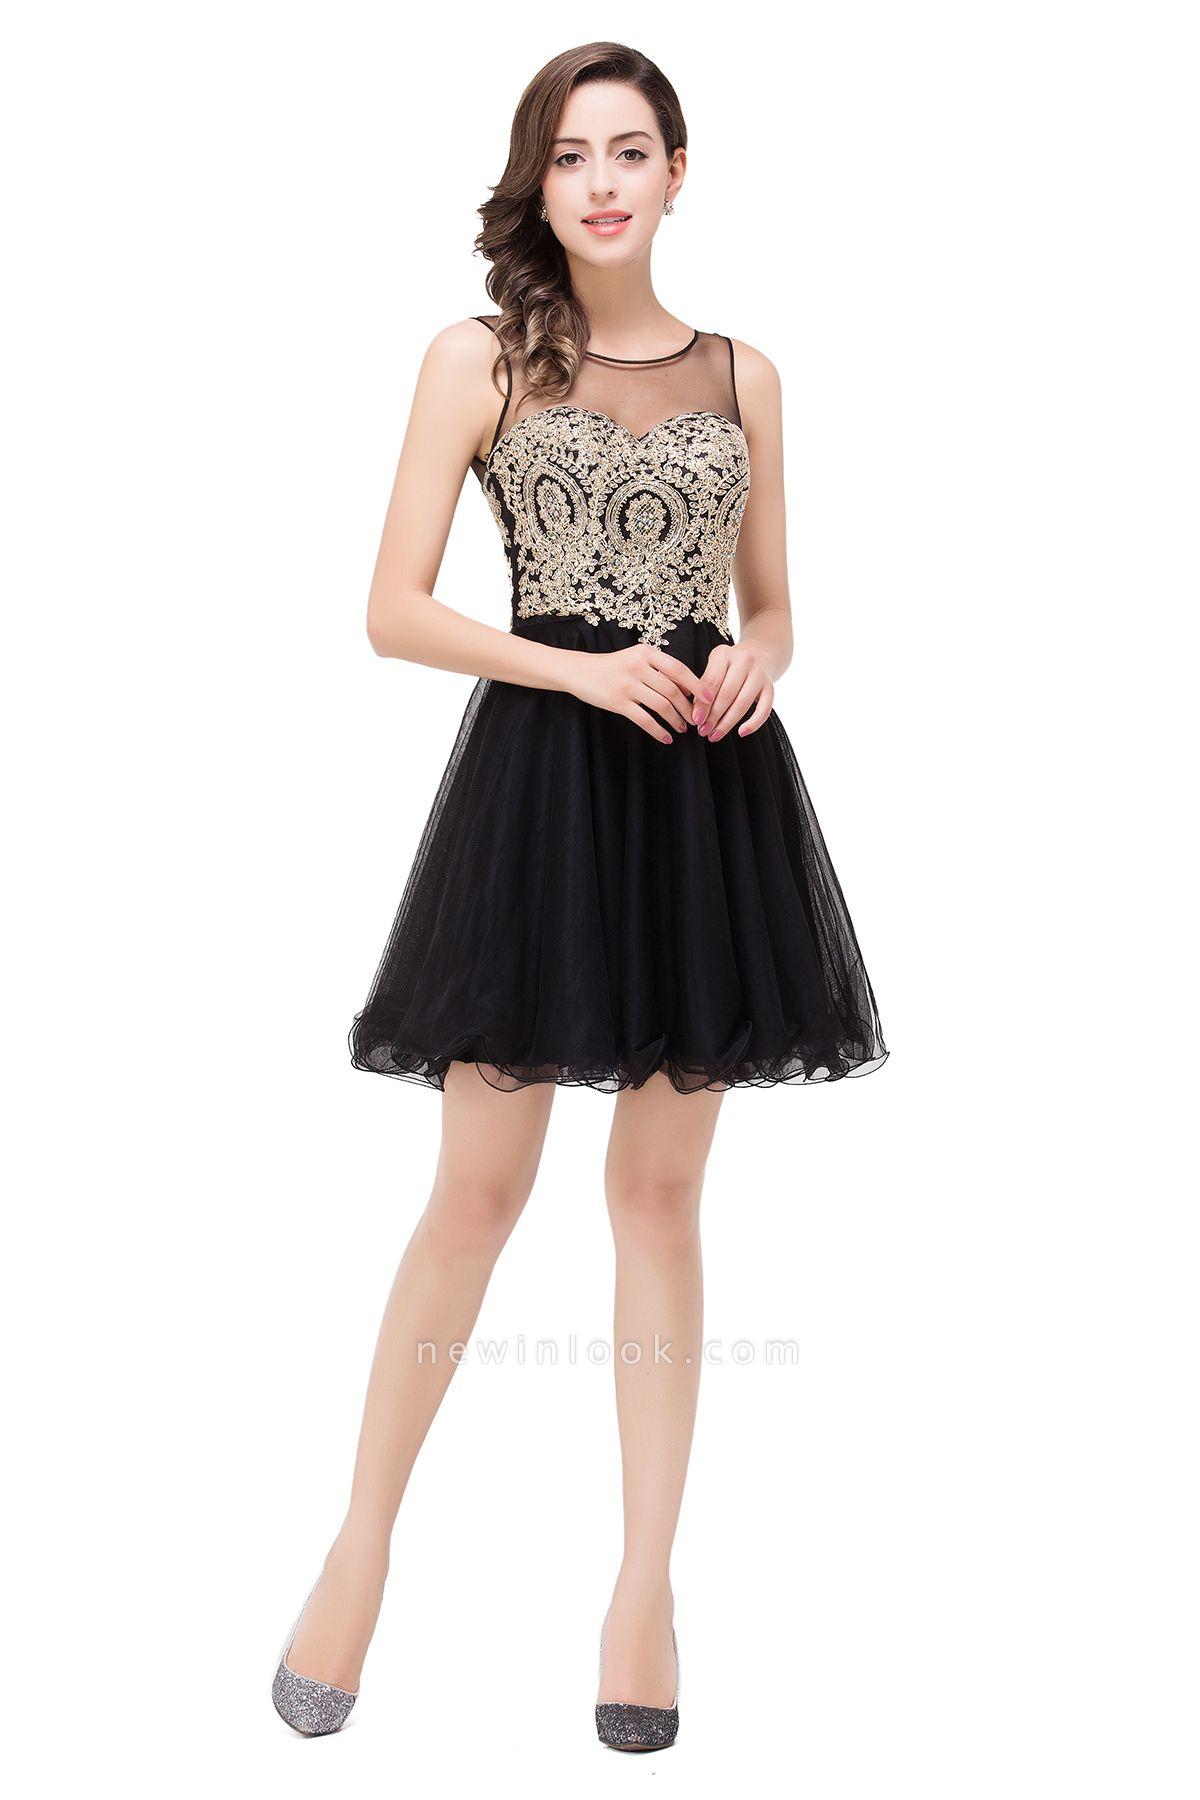 Vestido corto de fiesta sin mangas | con apliques de organza